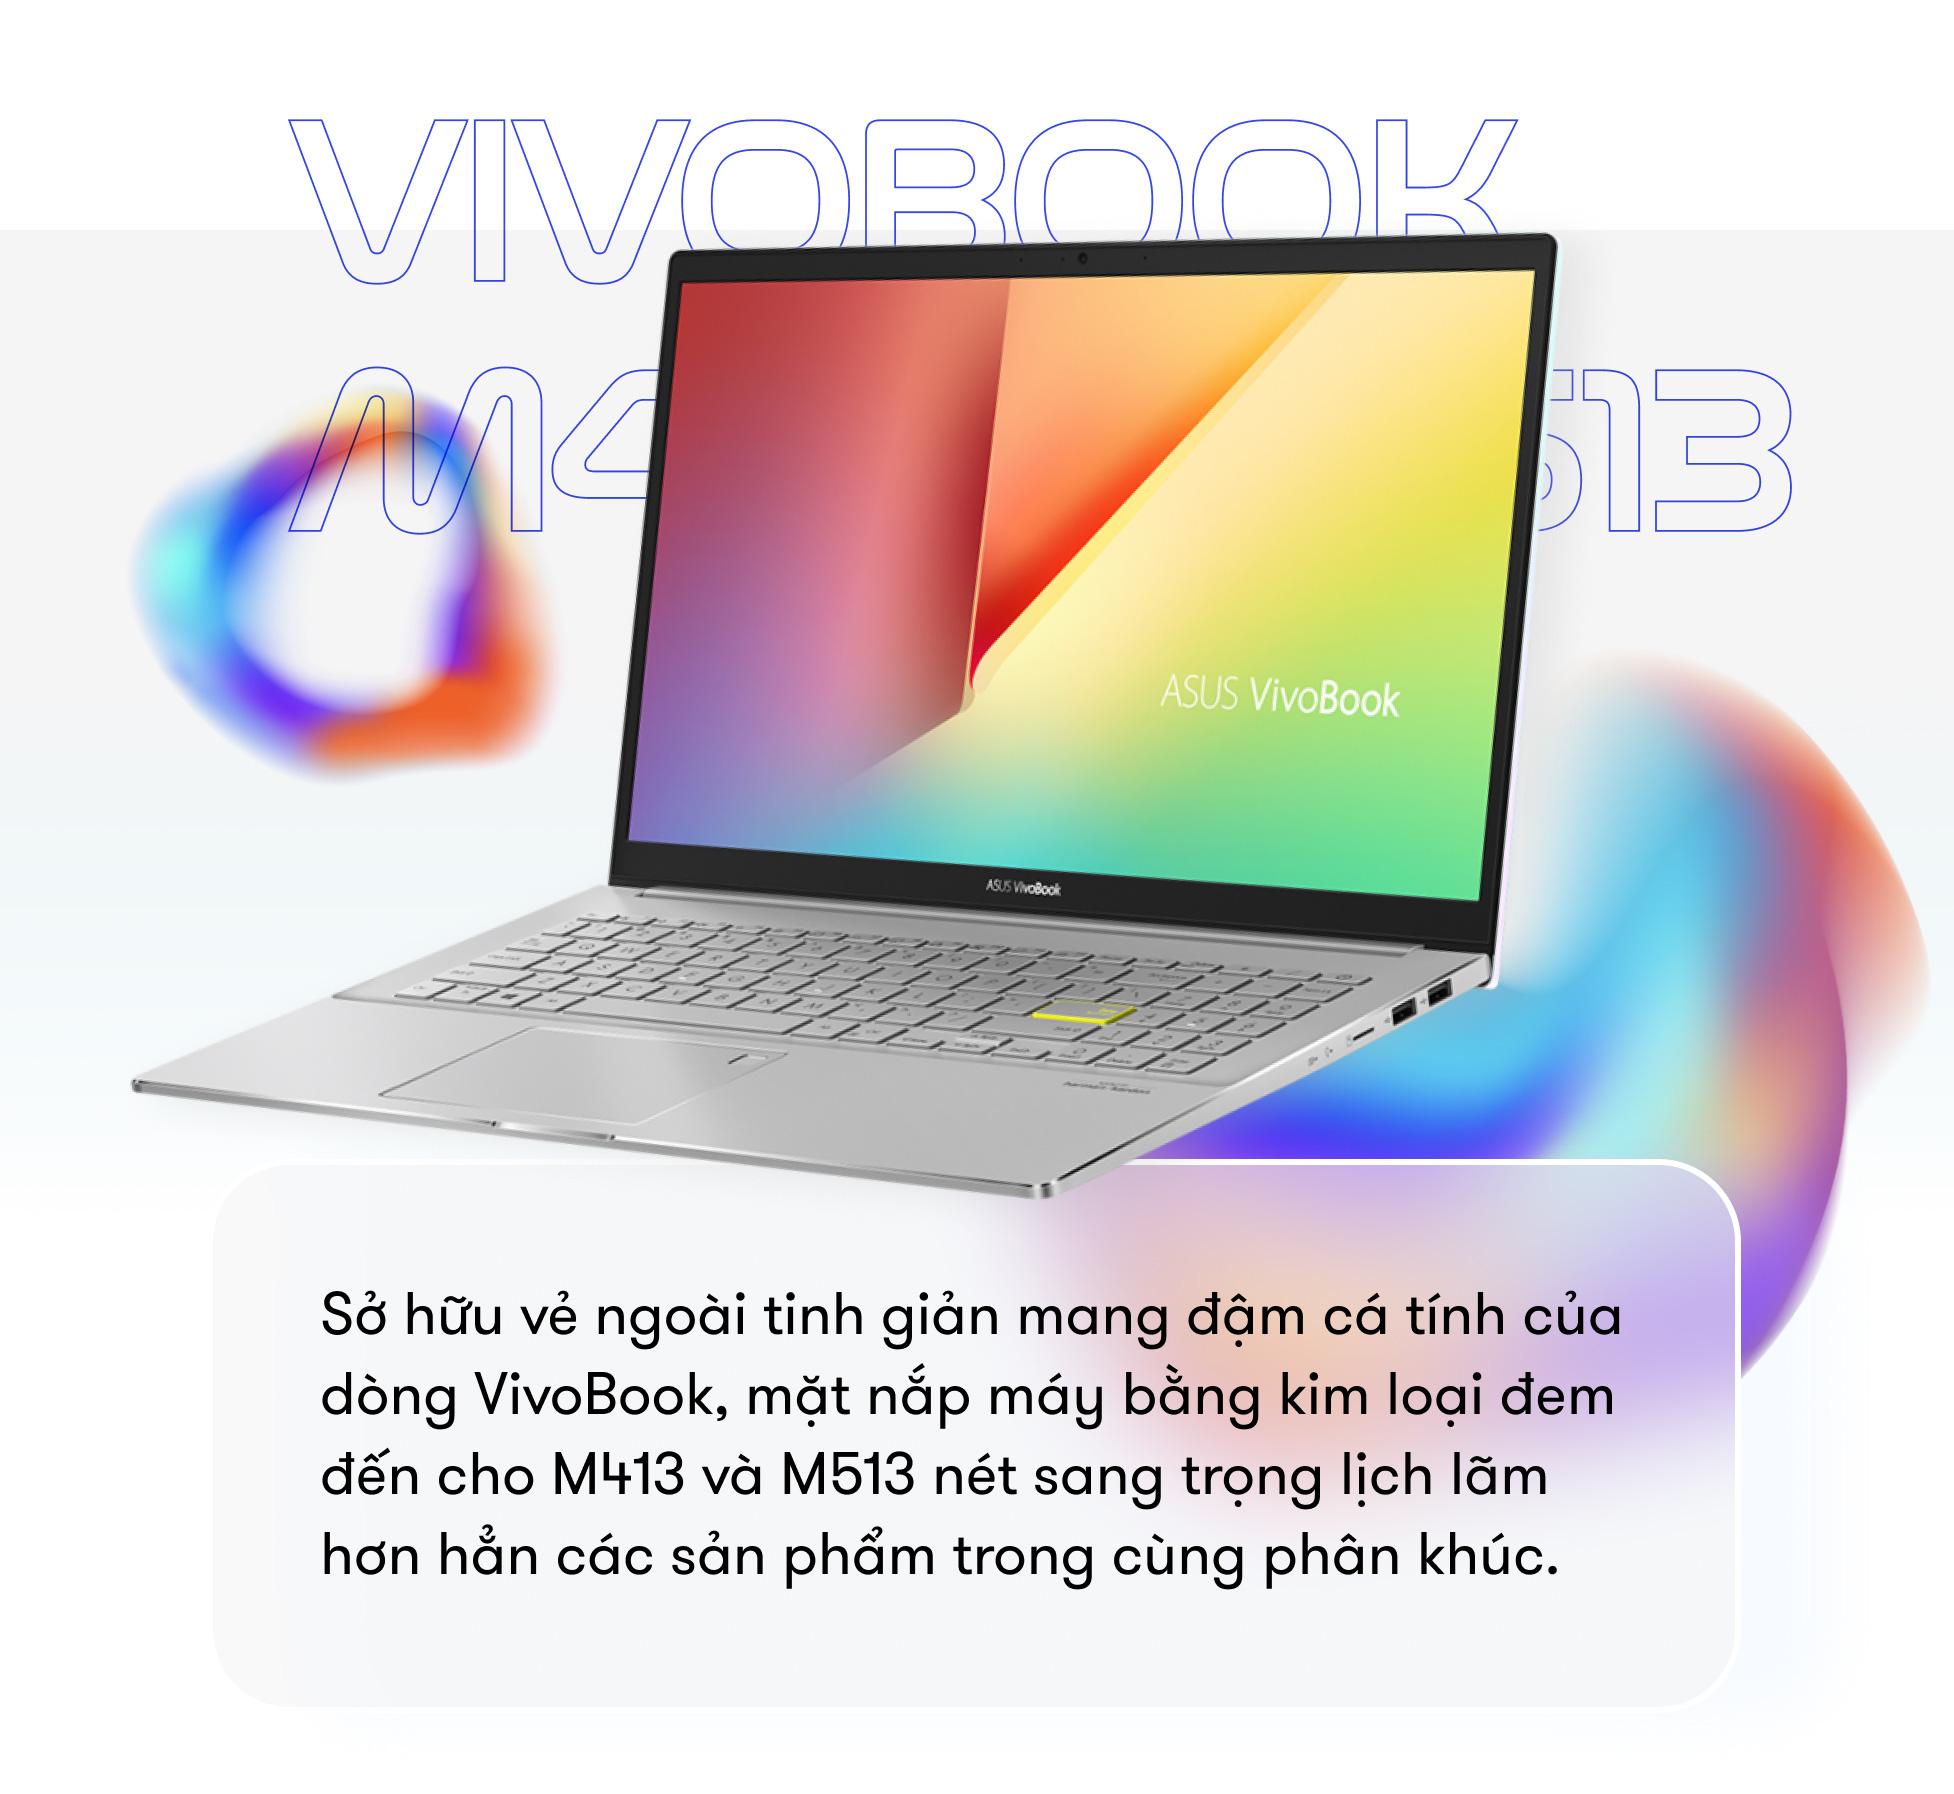 Điểm mặt laptop Asus thế hệ mới: tuyên ngôn sống đầy tự tin năng động mang đậm phong cách công dân thời đại số - Ảnh 12.